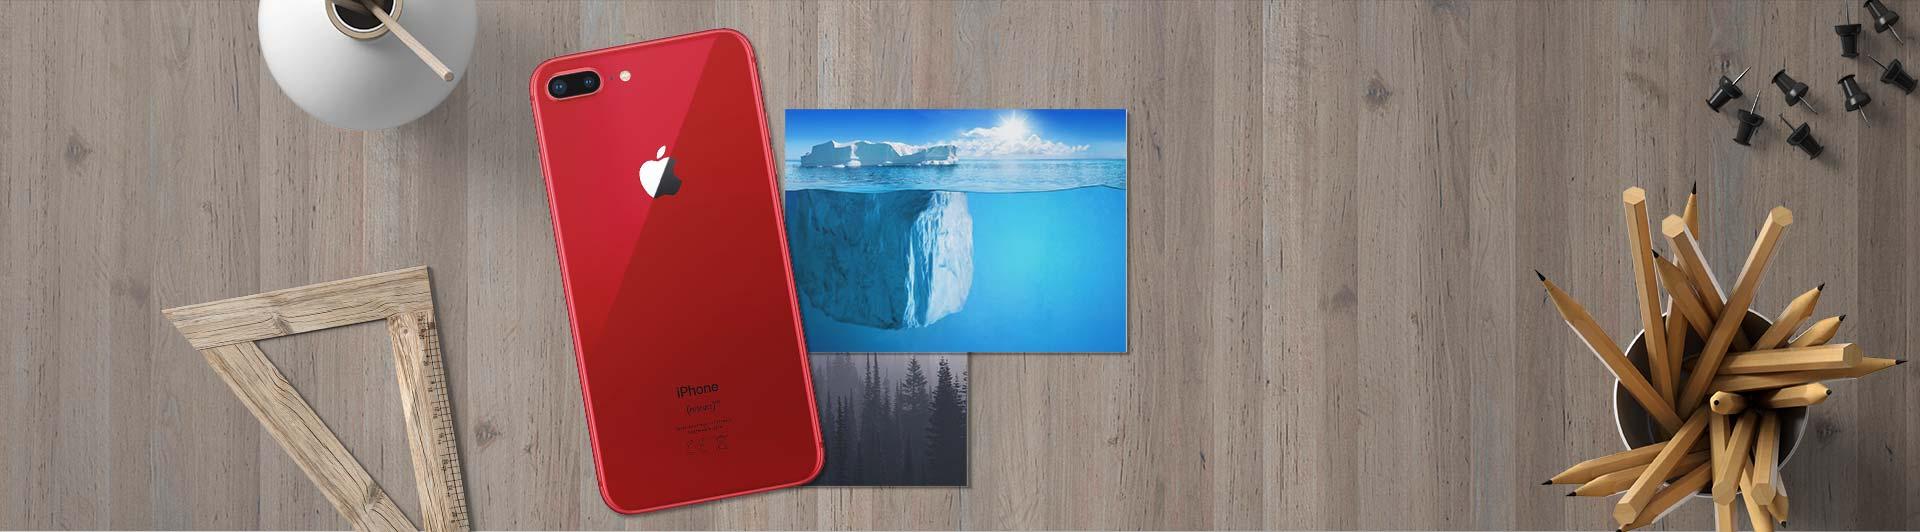 Điện thoại iPhone 8+ 64GB Red cạnh bên